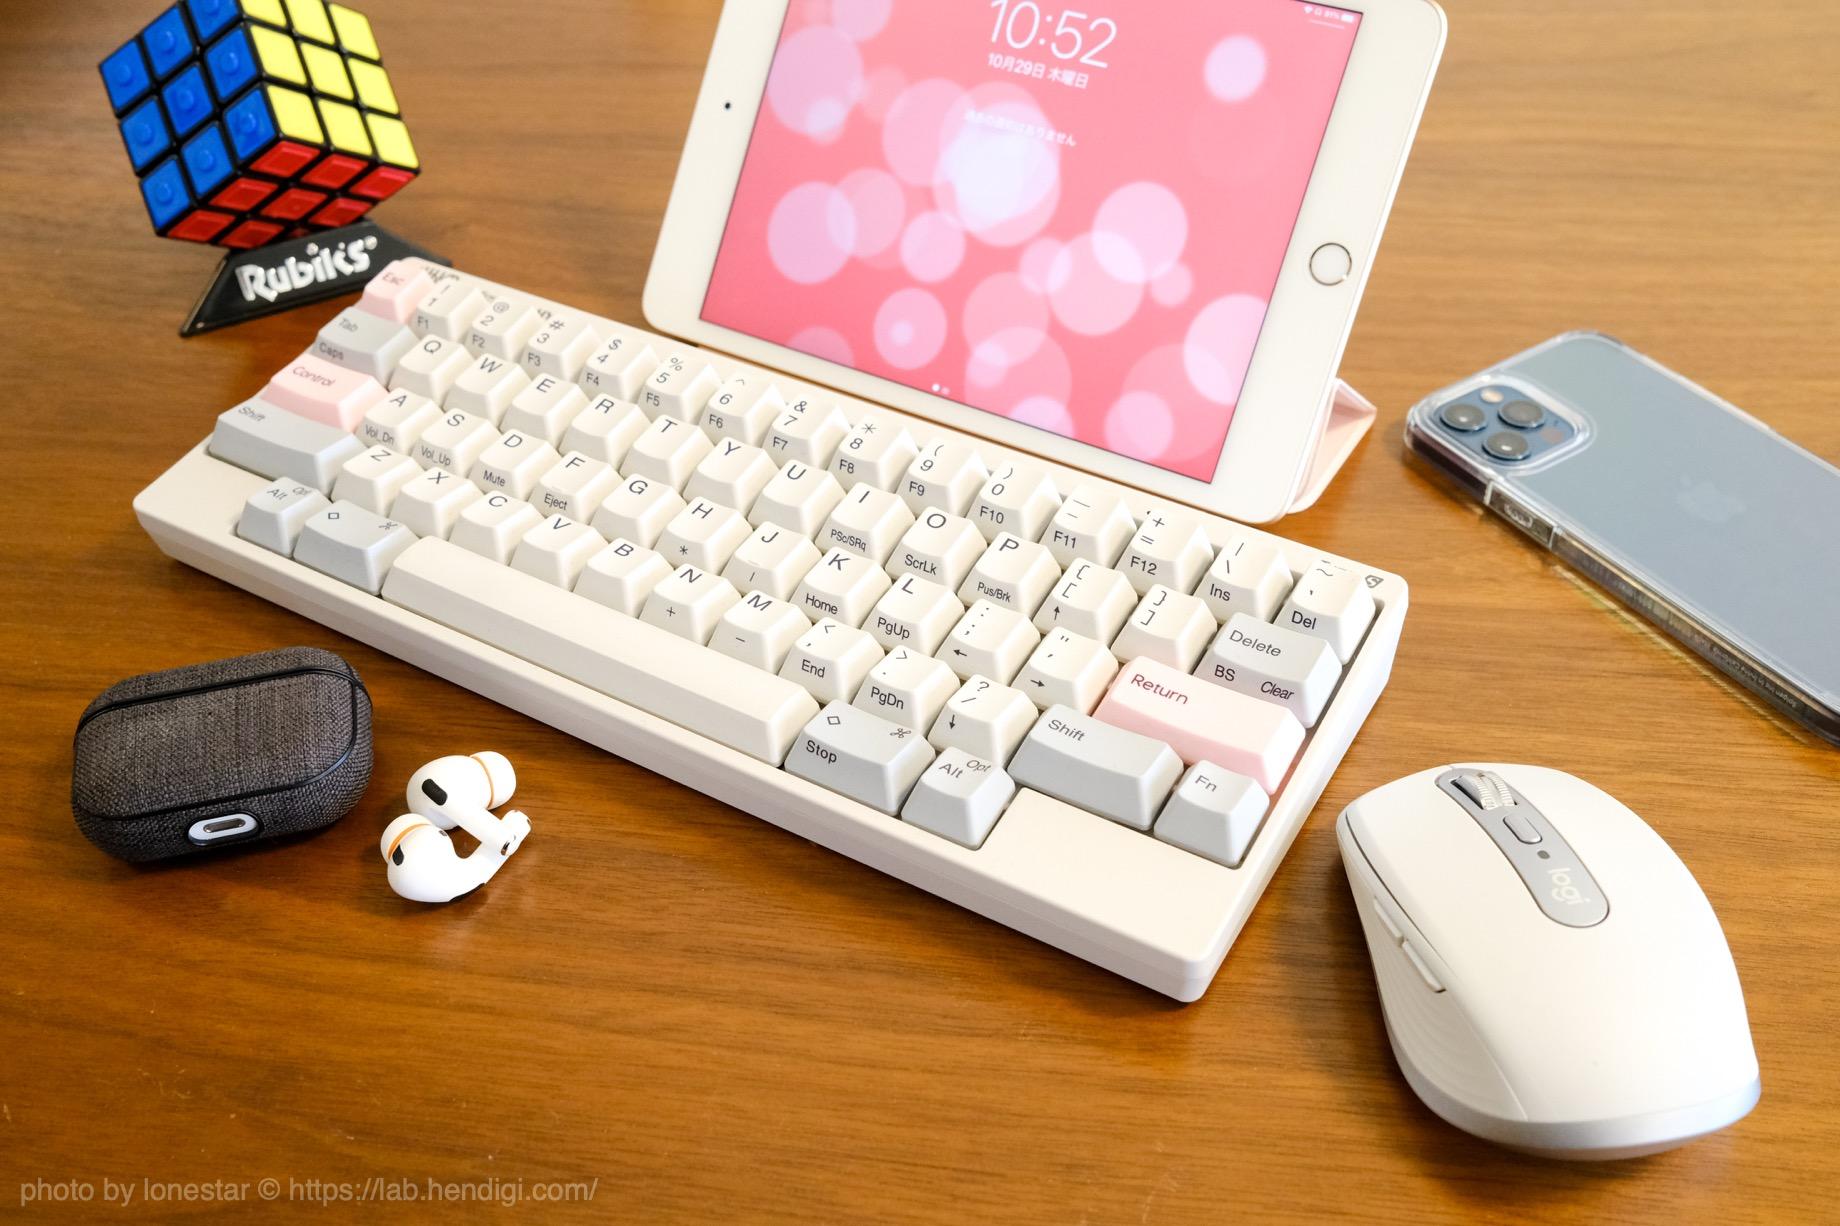 MX Anywhere 3 iPad mini